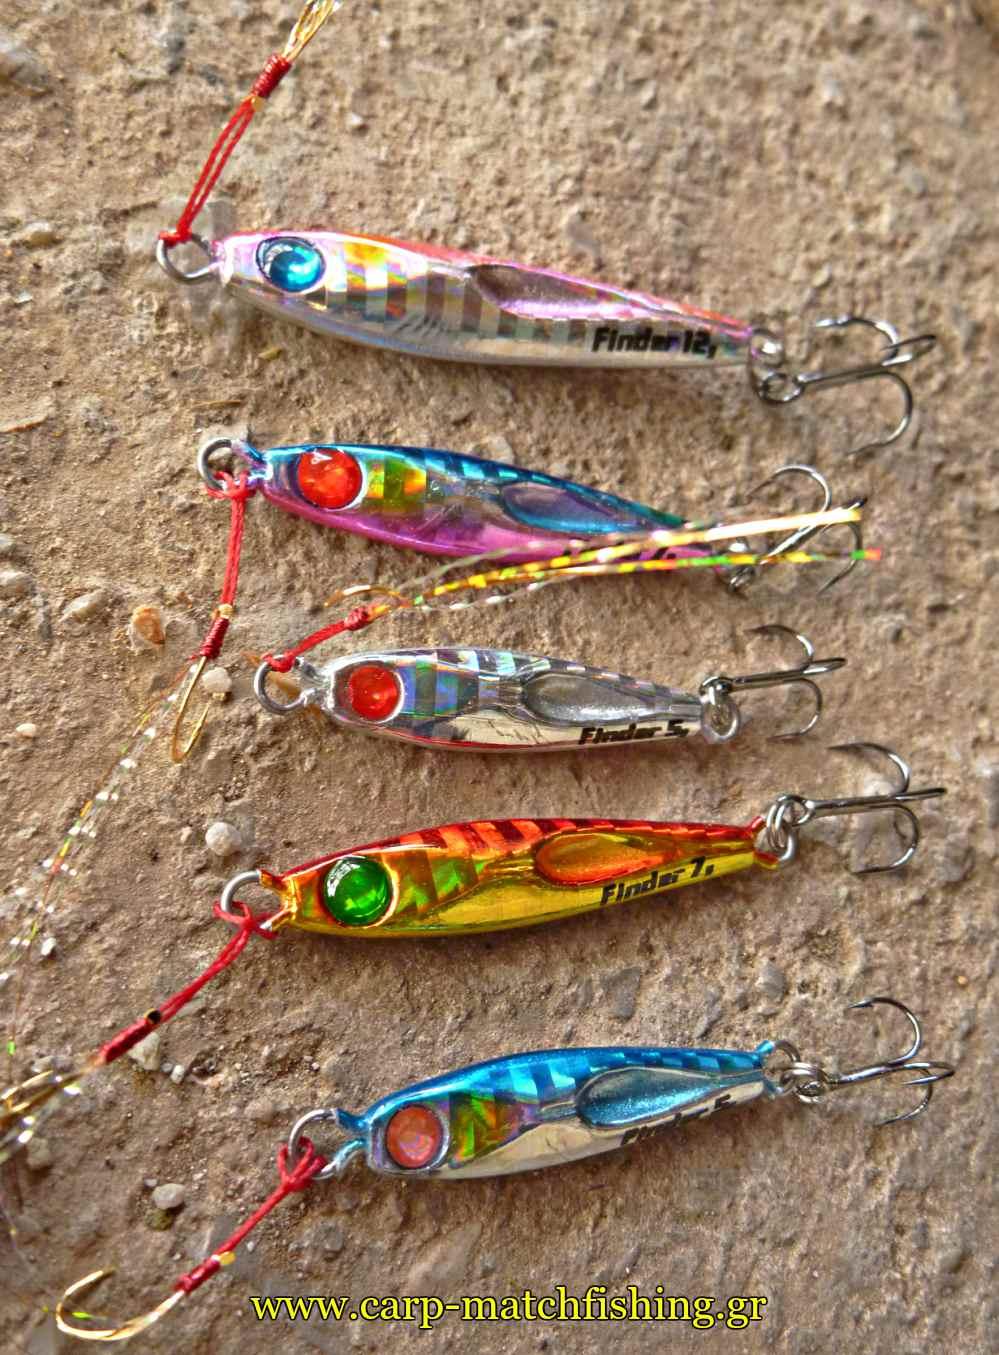 hayabusa-jack-finder-metal-jigs-ajing-carpmatchfishing